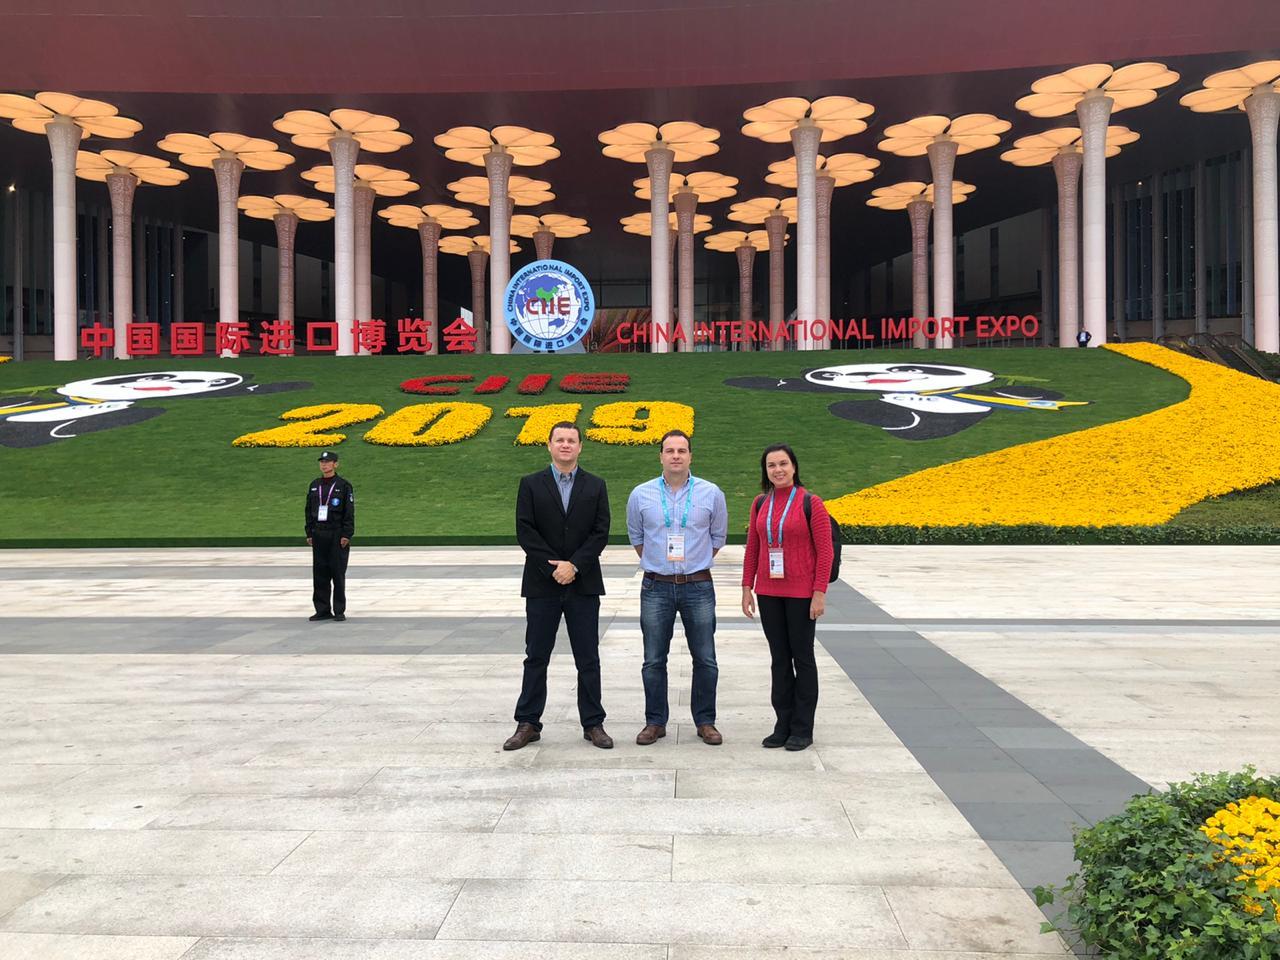 Grupo Alvorada marca presença na China International Import Expo (CIIE 2019), em Xangai